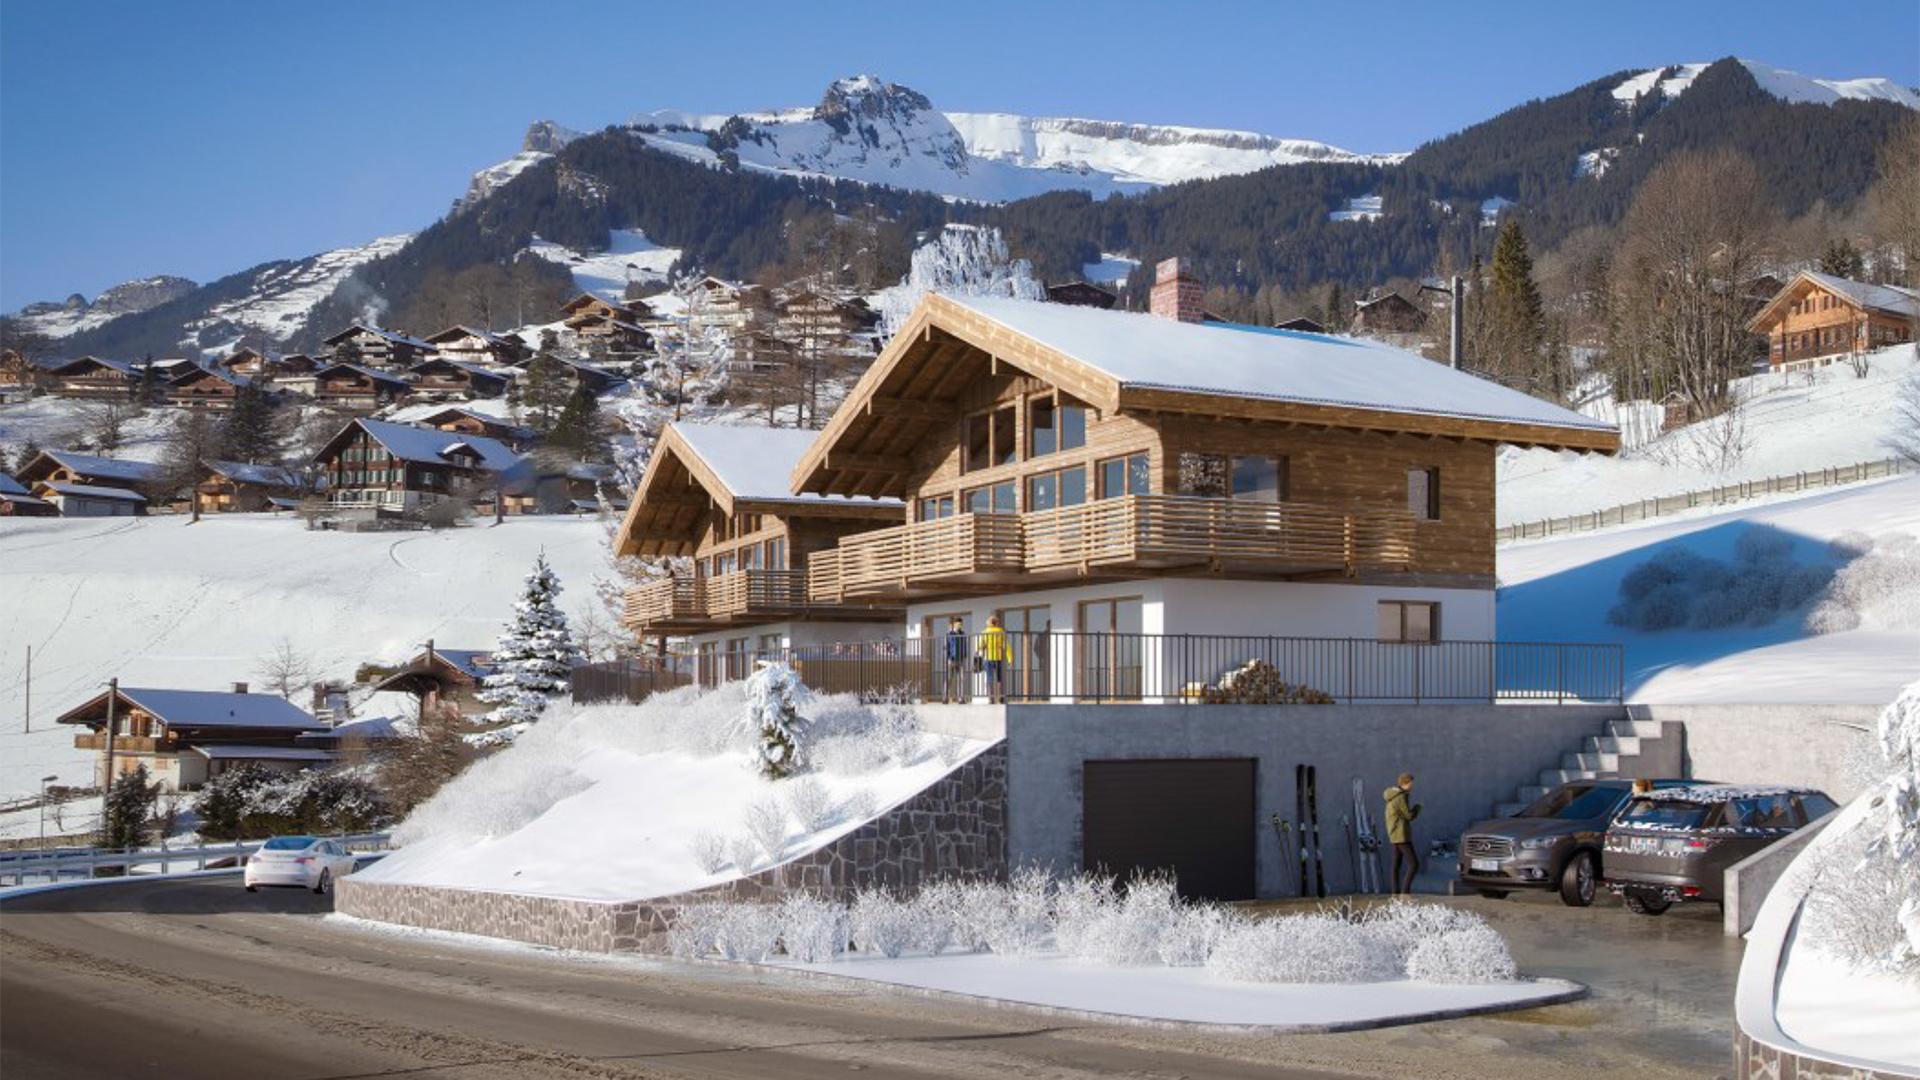 Chalet Aura Chalet, Switzerland